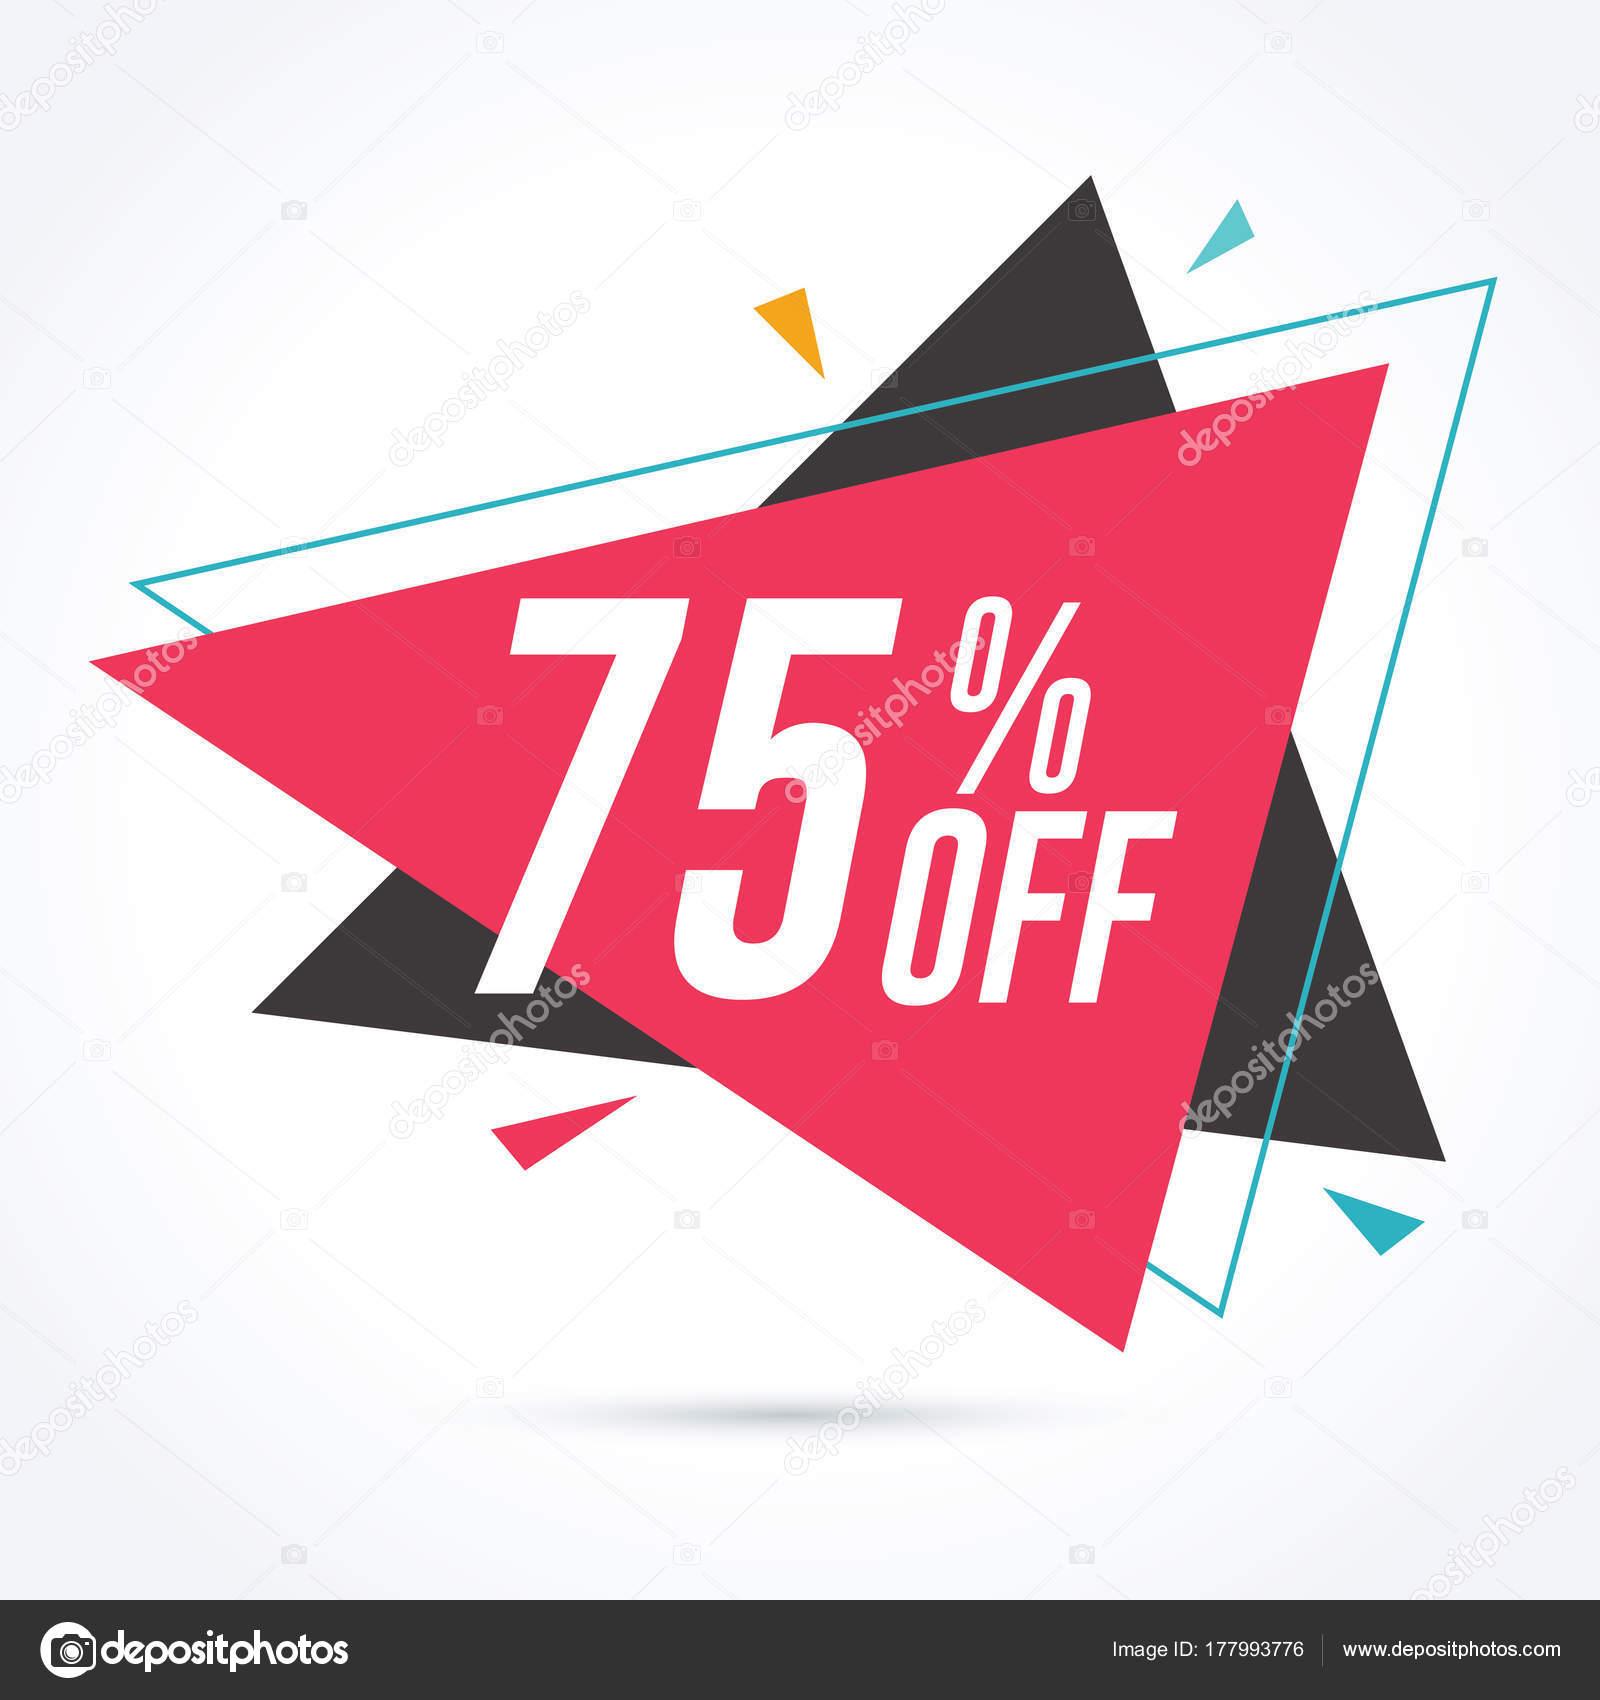 Oferta ➤ B.u.g! Até 75% Off!   . Veja essa promoção